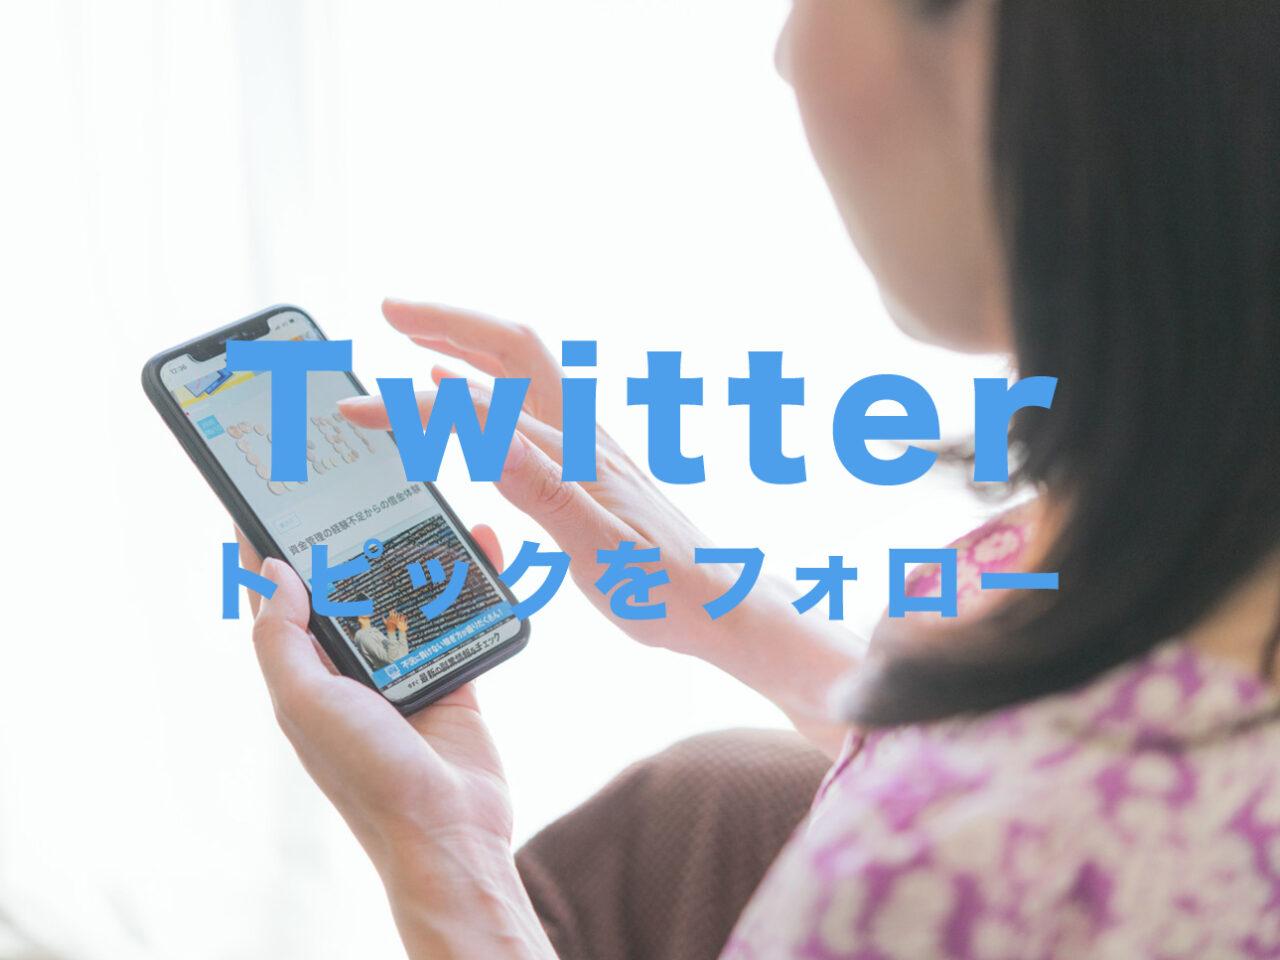 Twitter(ツイッター)でトピックをフォローを非表示にして消す方法やアプリはある?のサムネイル画像